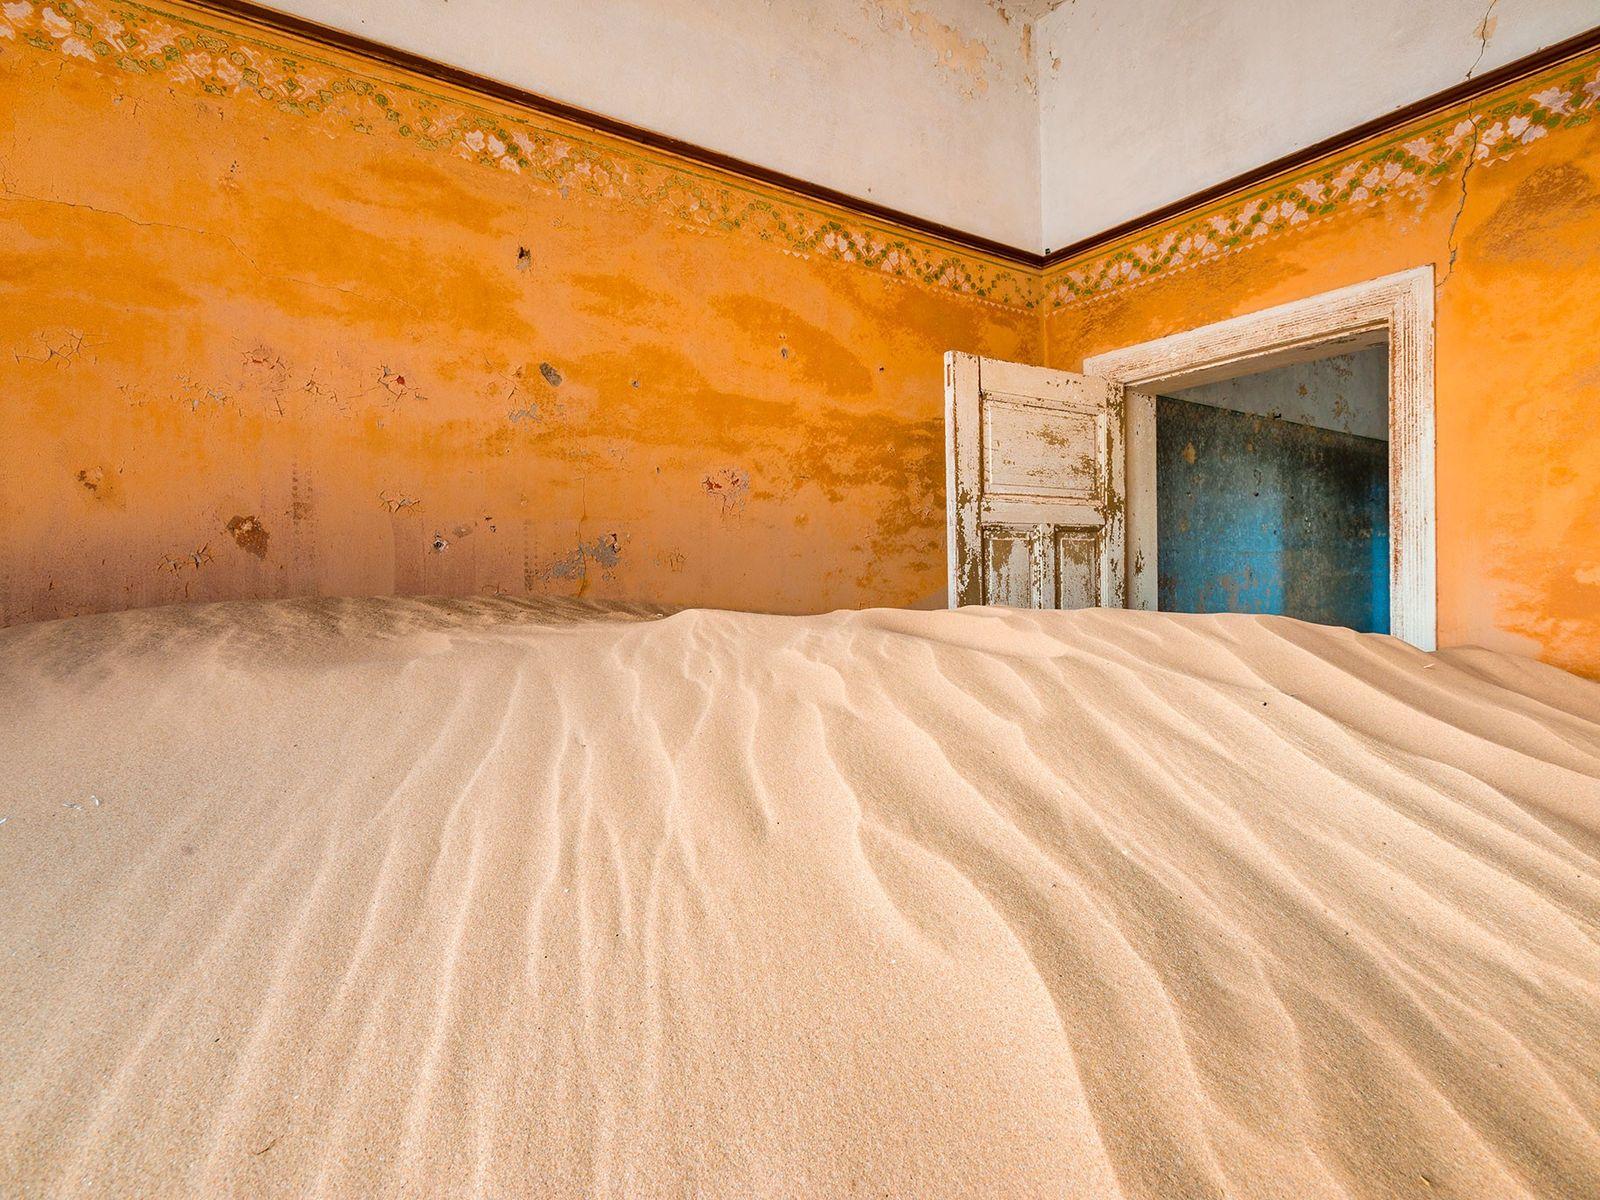 KOLMANNSKUPPE, NAMIBIA Inmitten der sandigen Dünen der Namib wurde Kolmannskuppe (auch Kolmanskop) für die Arbeiter einer Diamantenmine ...